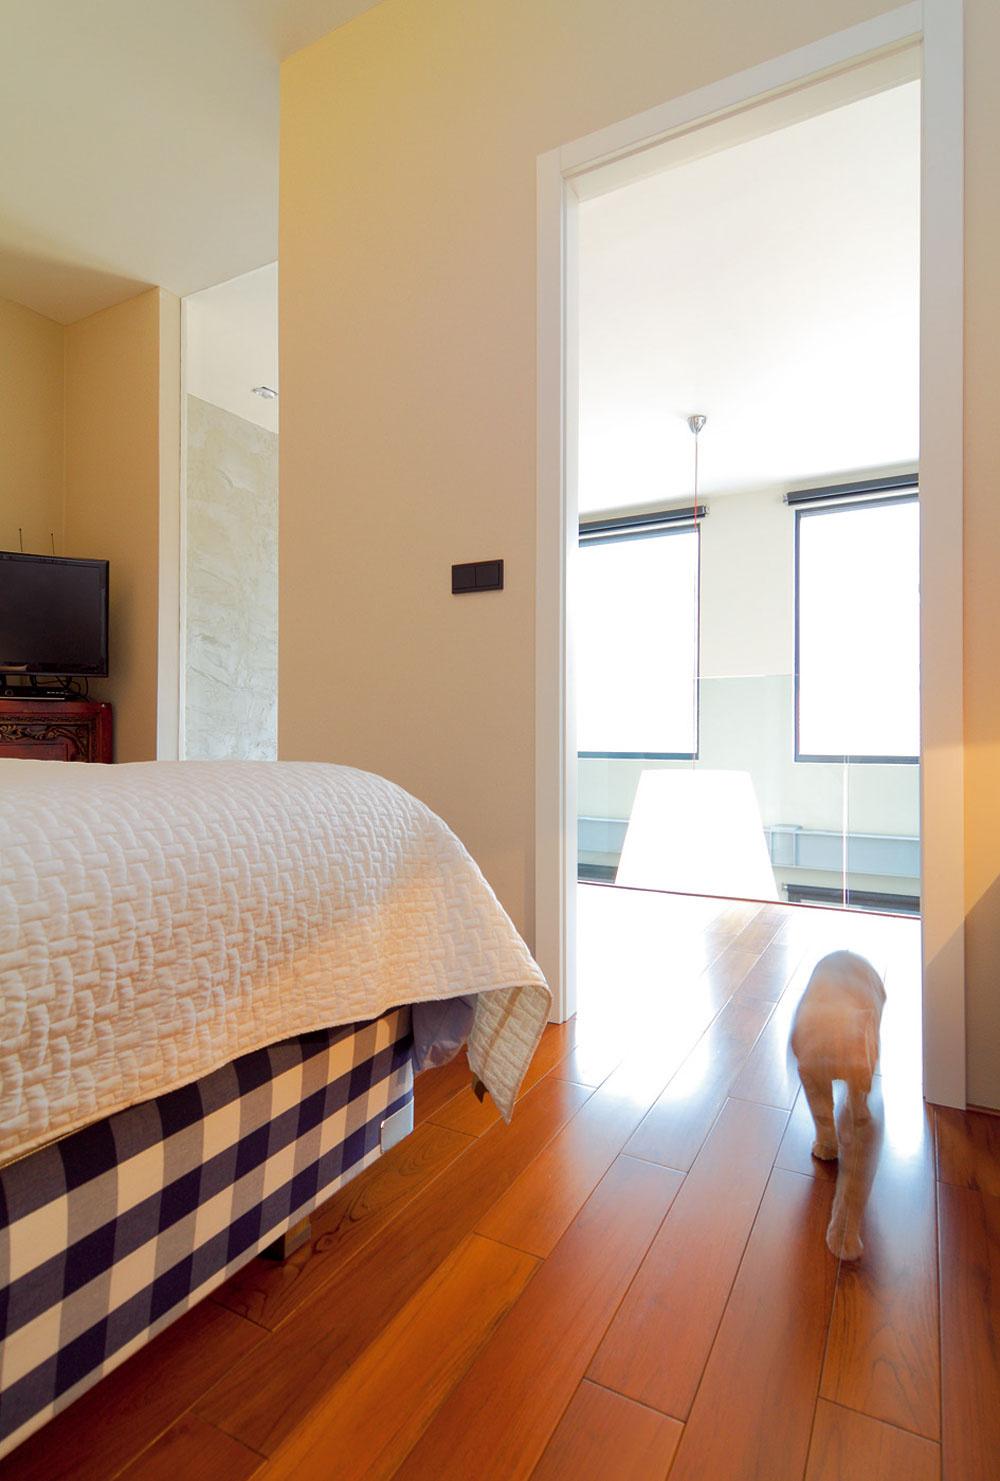 Majiteľka zastáva pravidlo, že tam, kde sa spí, je dobré sa zavrieť. Sklenenou stenou však opäť dosiahli prepojenie tejto miestnosti sotvoreným interiérom.